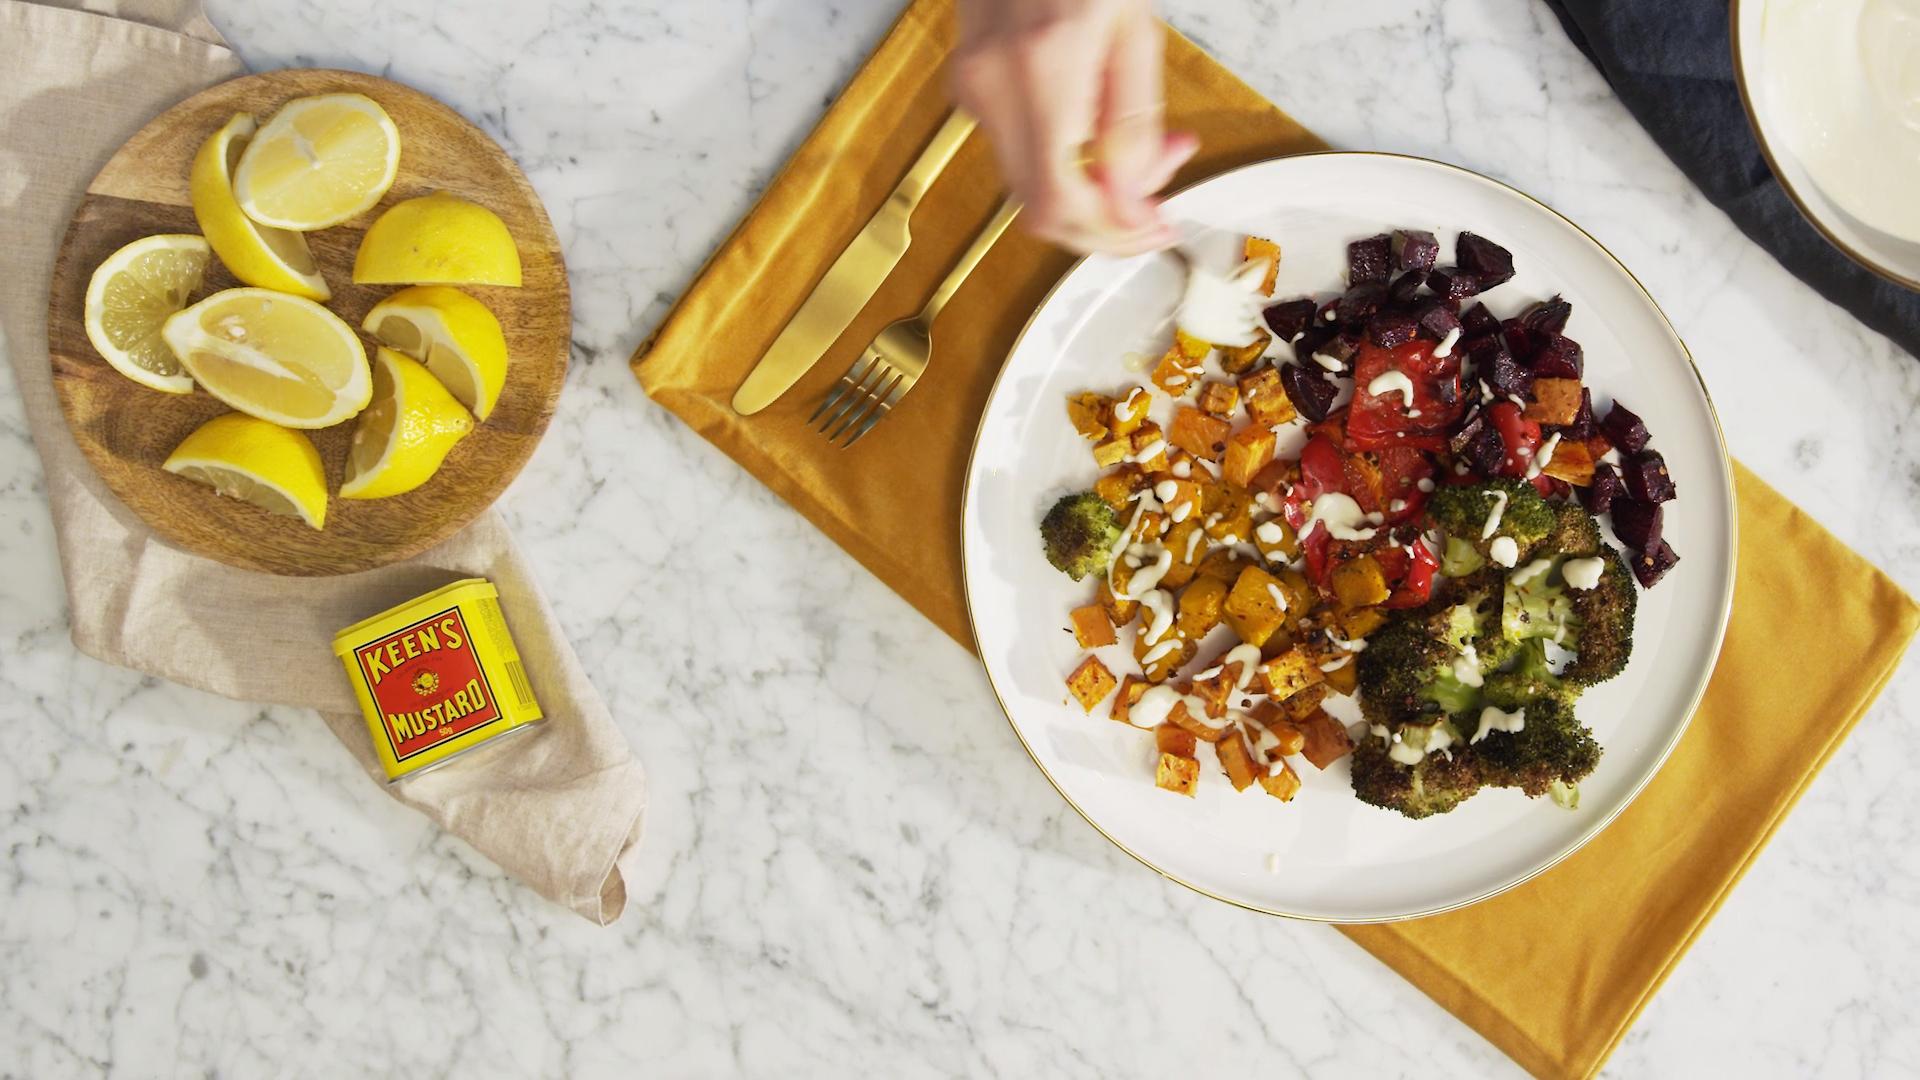 Rainbow roast vegetable salad with honey mustard dressing